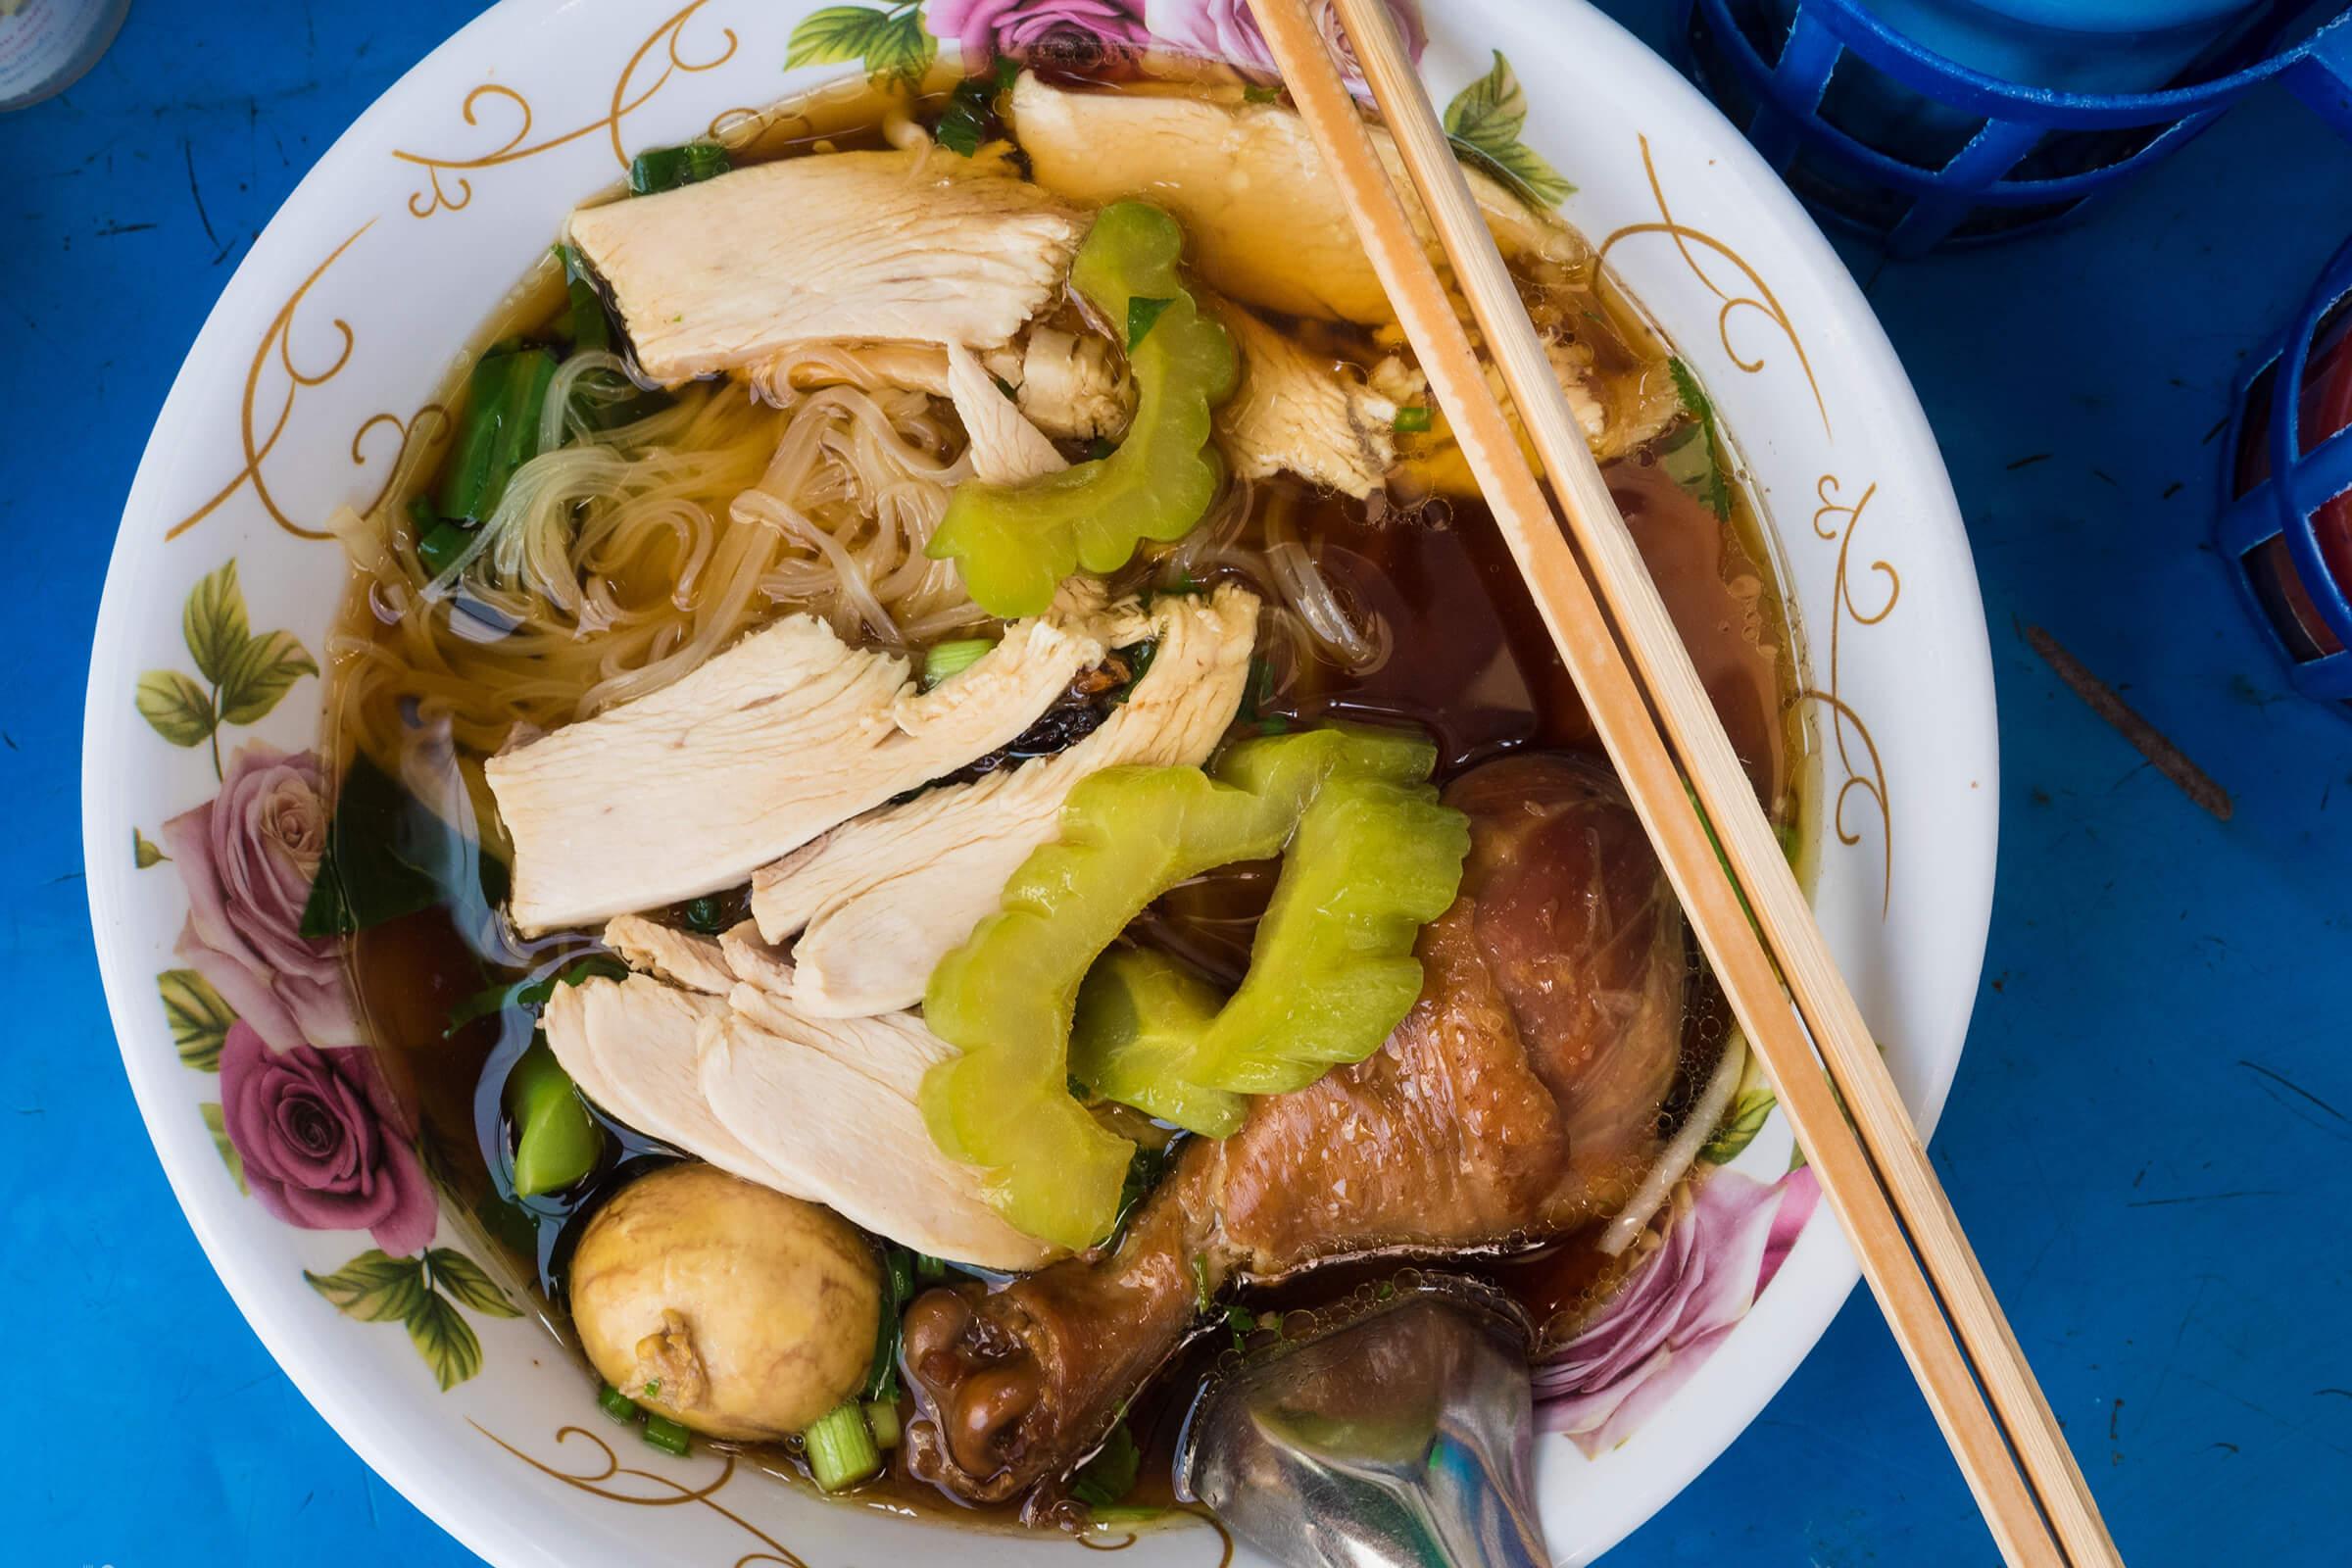 Best restaurants in bangkok for authentic thai food for Cuisine bangkok